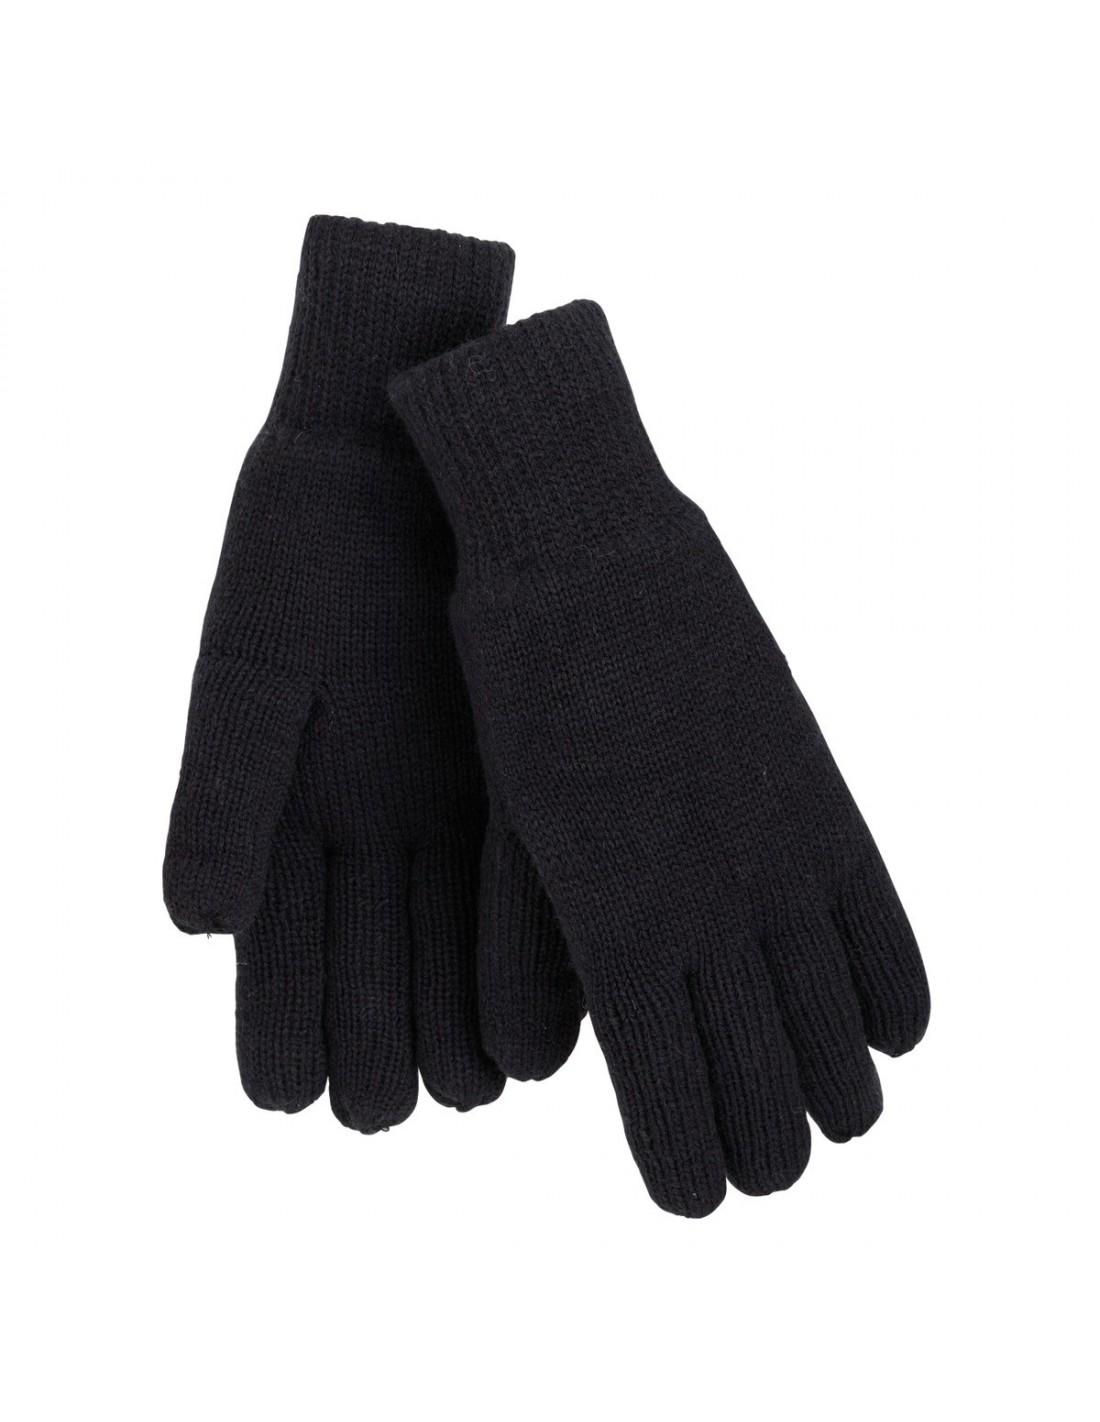 Fingerhansker Jotunheim Tesse Vante 261219 149 kr